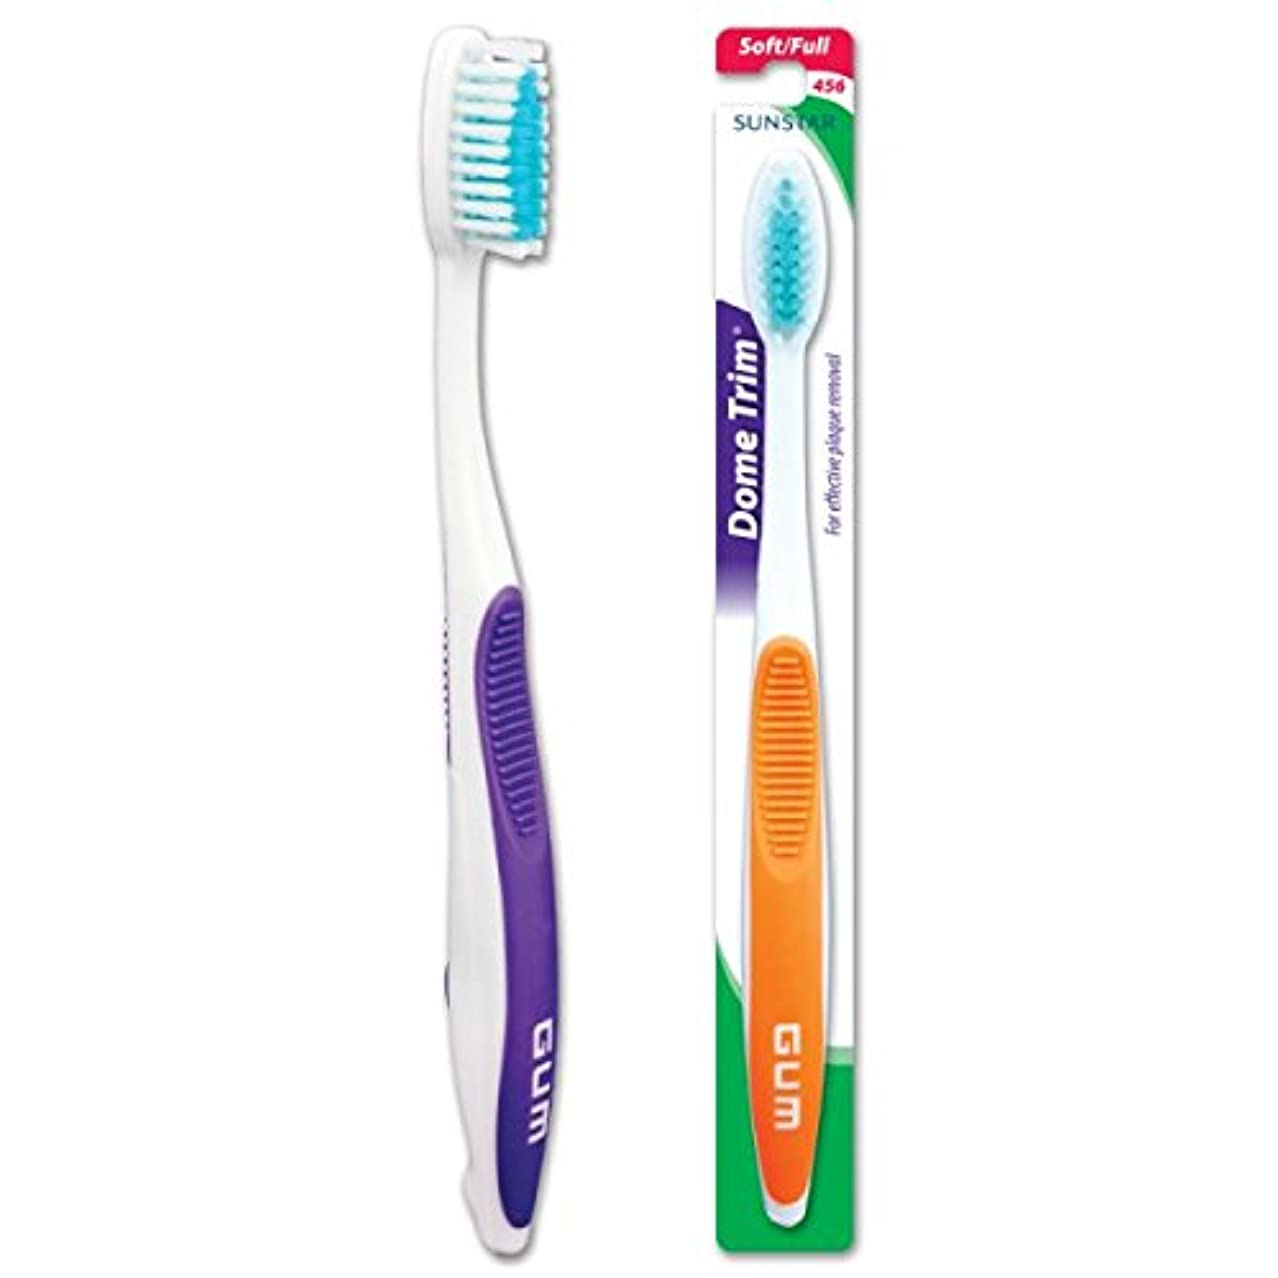 ギネスたるみ方向GUM Dome Trim Soft Toothbrush